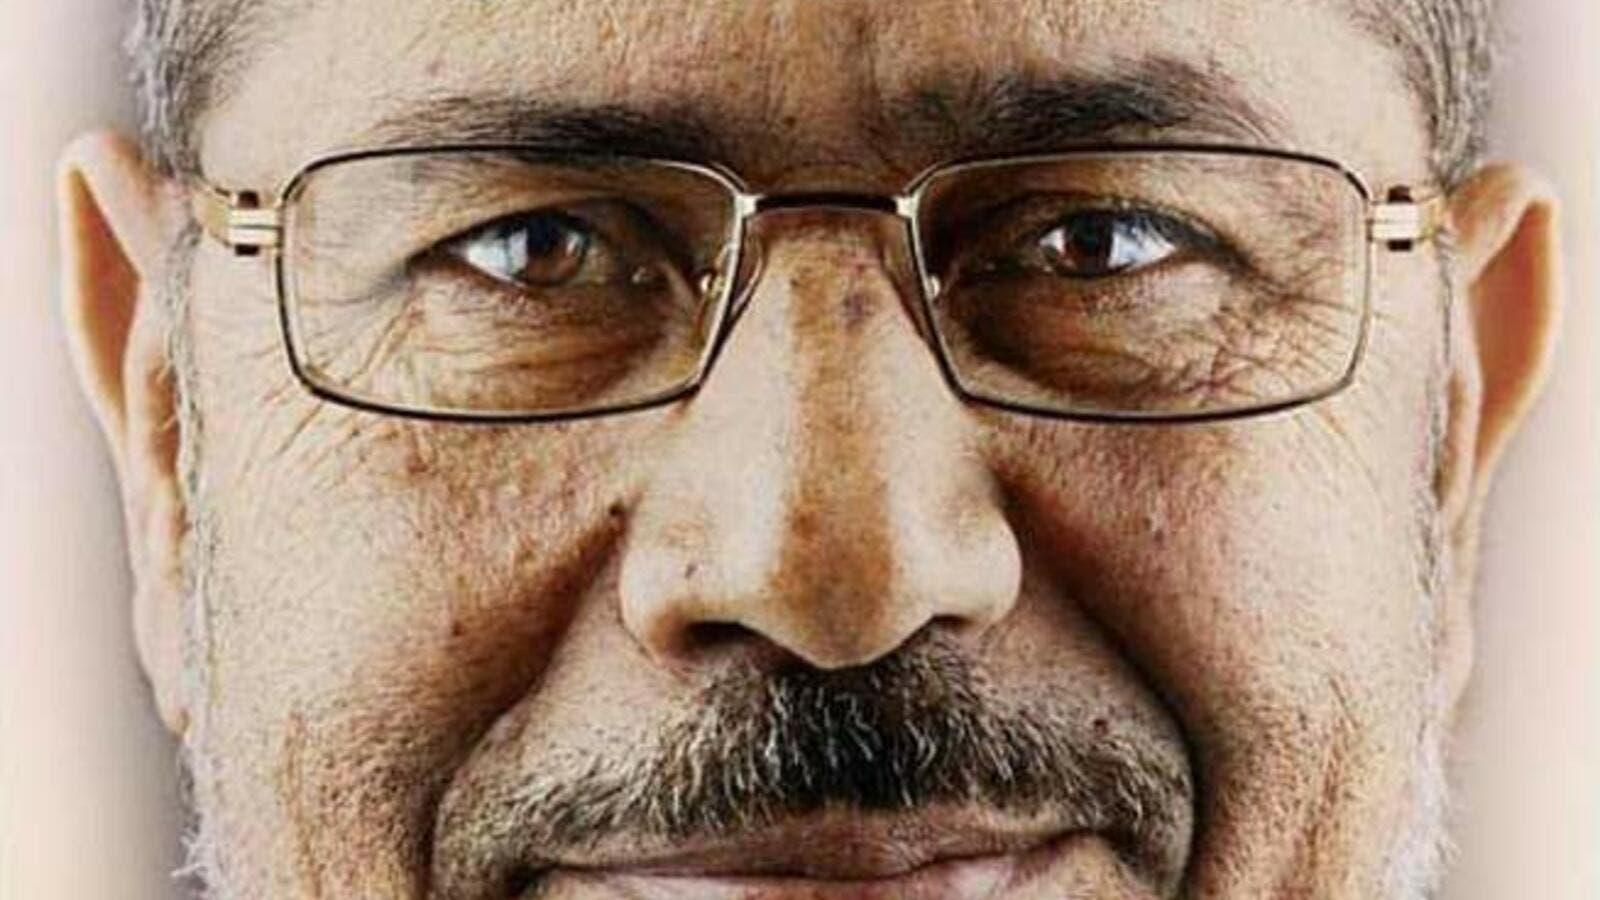 أردوغان: الأمم المتحدة ستبحث وفاة مرسي وستحاسب المسؤولين